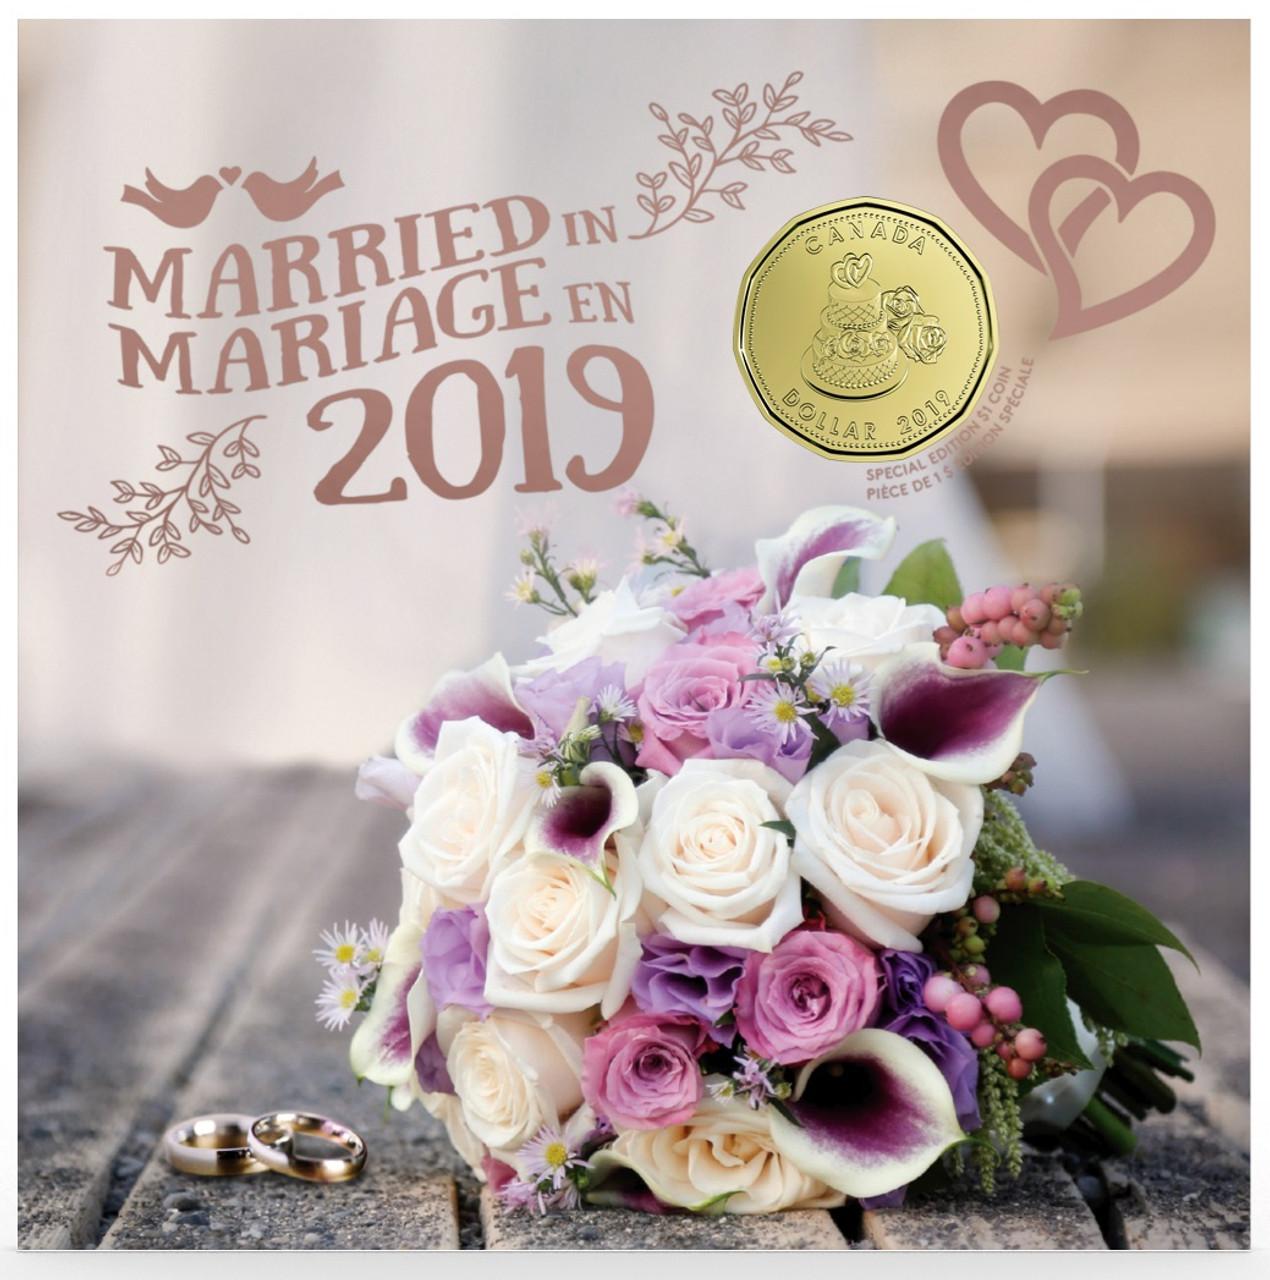 2019 $1 WEDDING GIFT SET